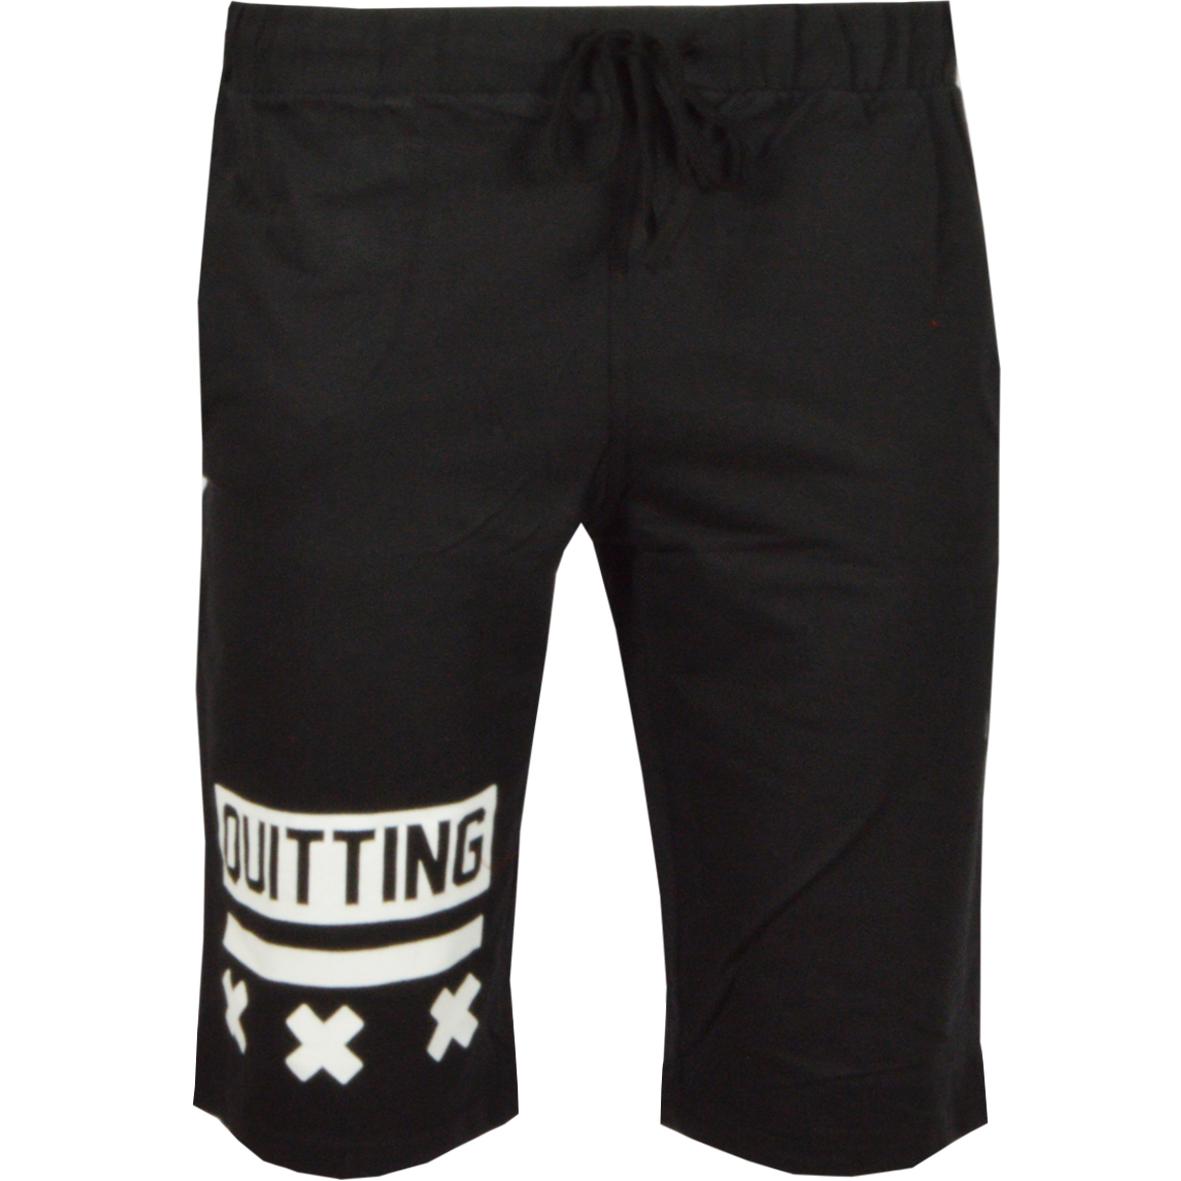 Ανδρική Βερμούδα Quitting-Μαύρο αρχική ανδρικά ρούχα επιλογή ανά προϊόν βερμούδες